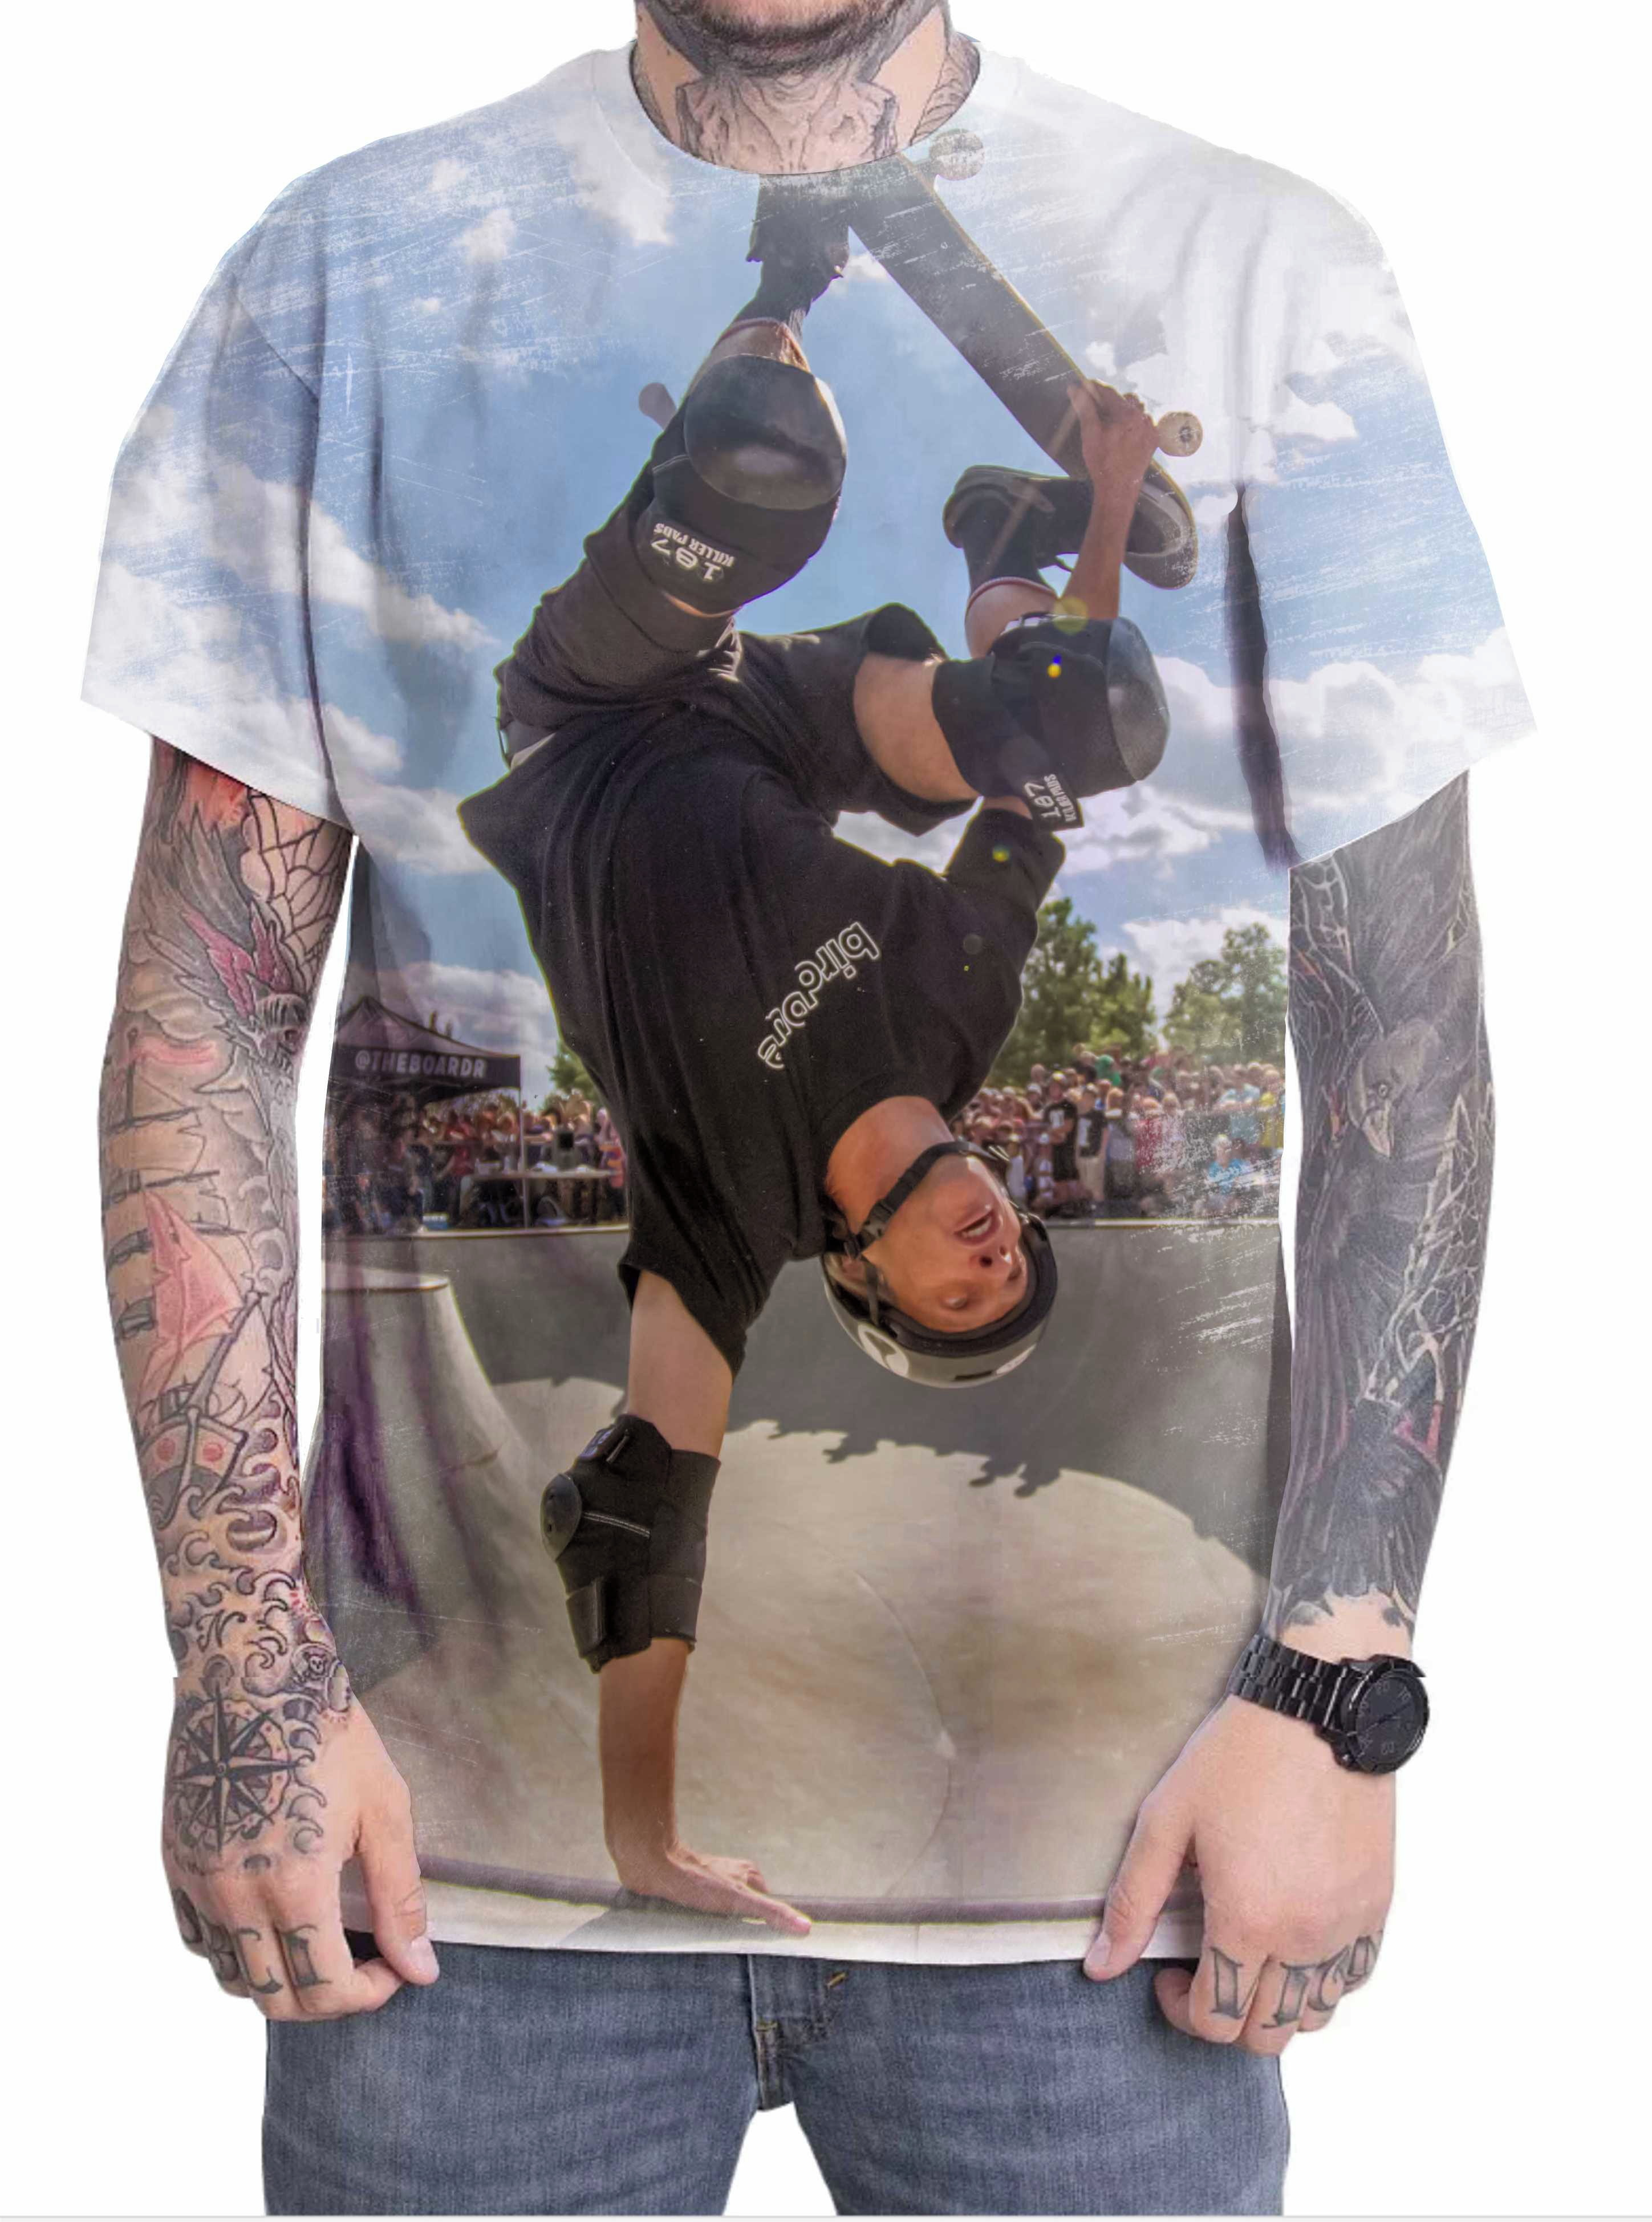 090a76d117f Camiseta Camisa Personalizada Jogador Michael Jordan 09 no Elo7 ...